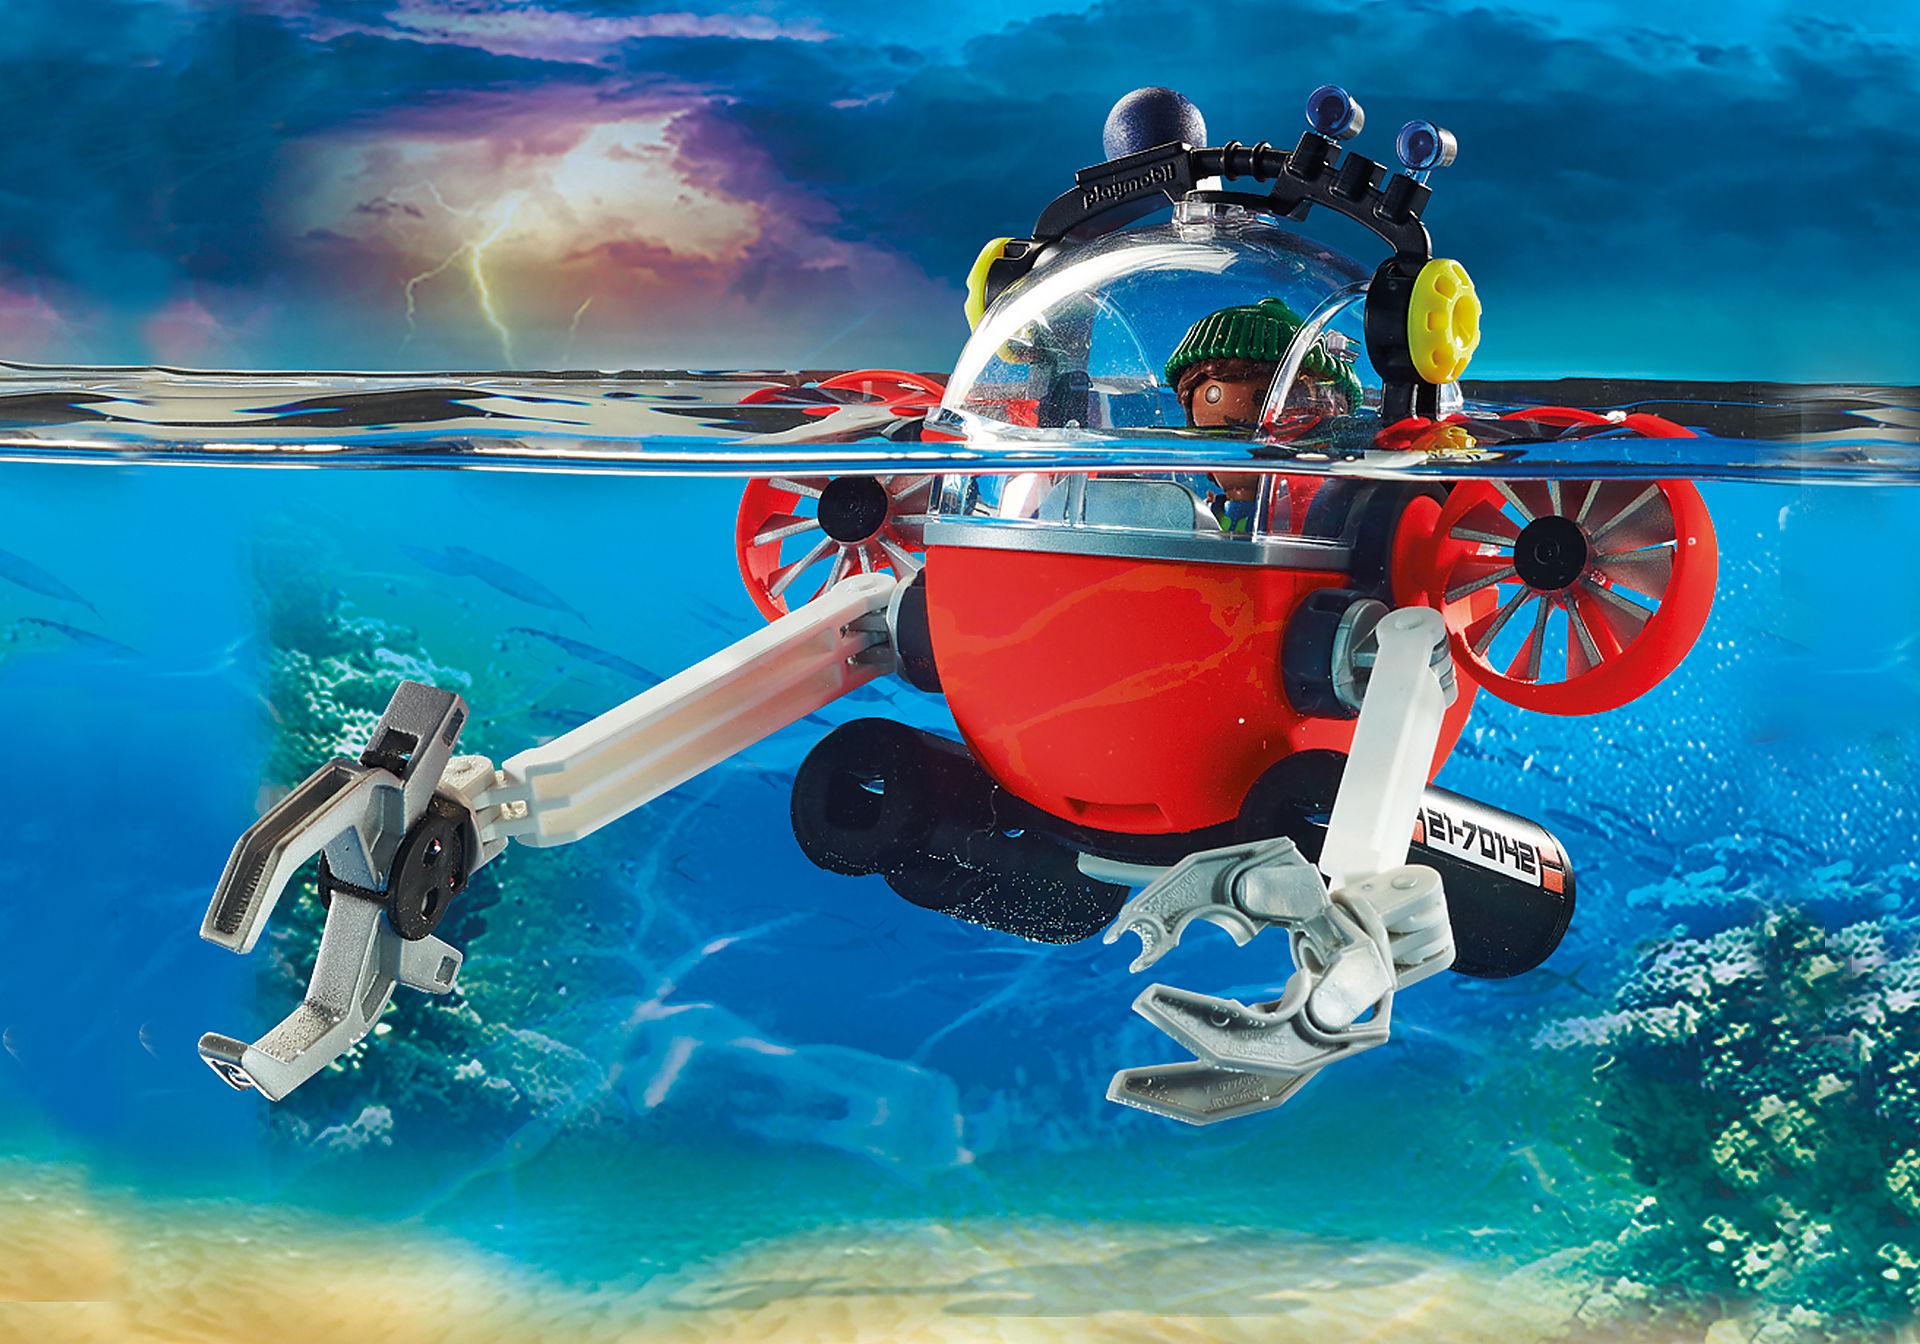 70142 Skibsredning: Miljøindsats med dykkerskib zoom image5